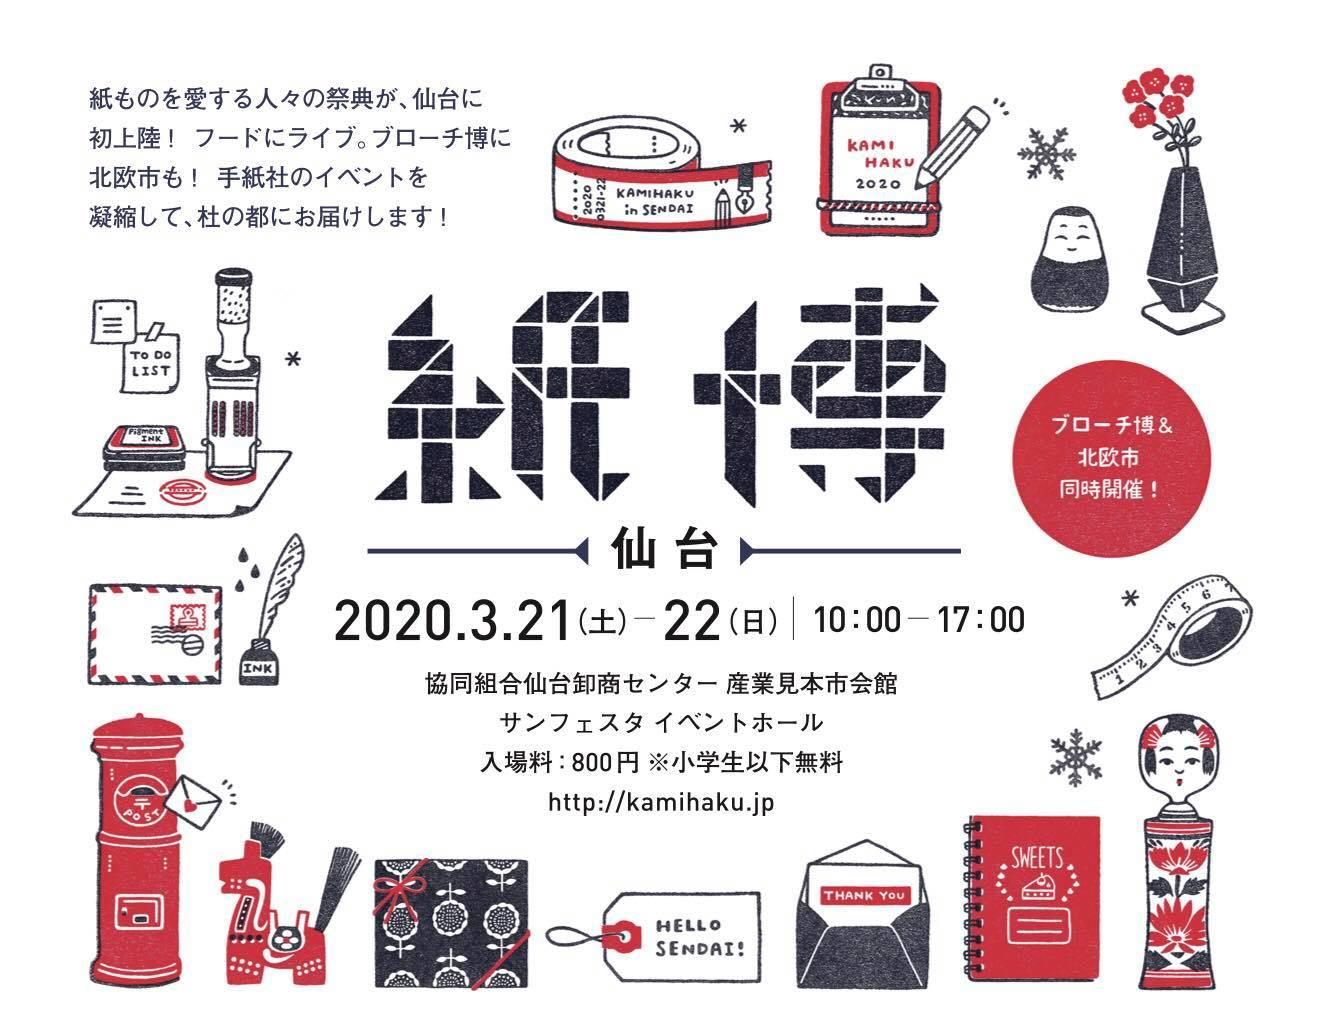 紙博 PAPER EXPO 2020 in 仙台